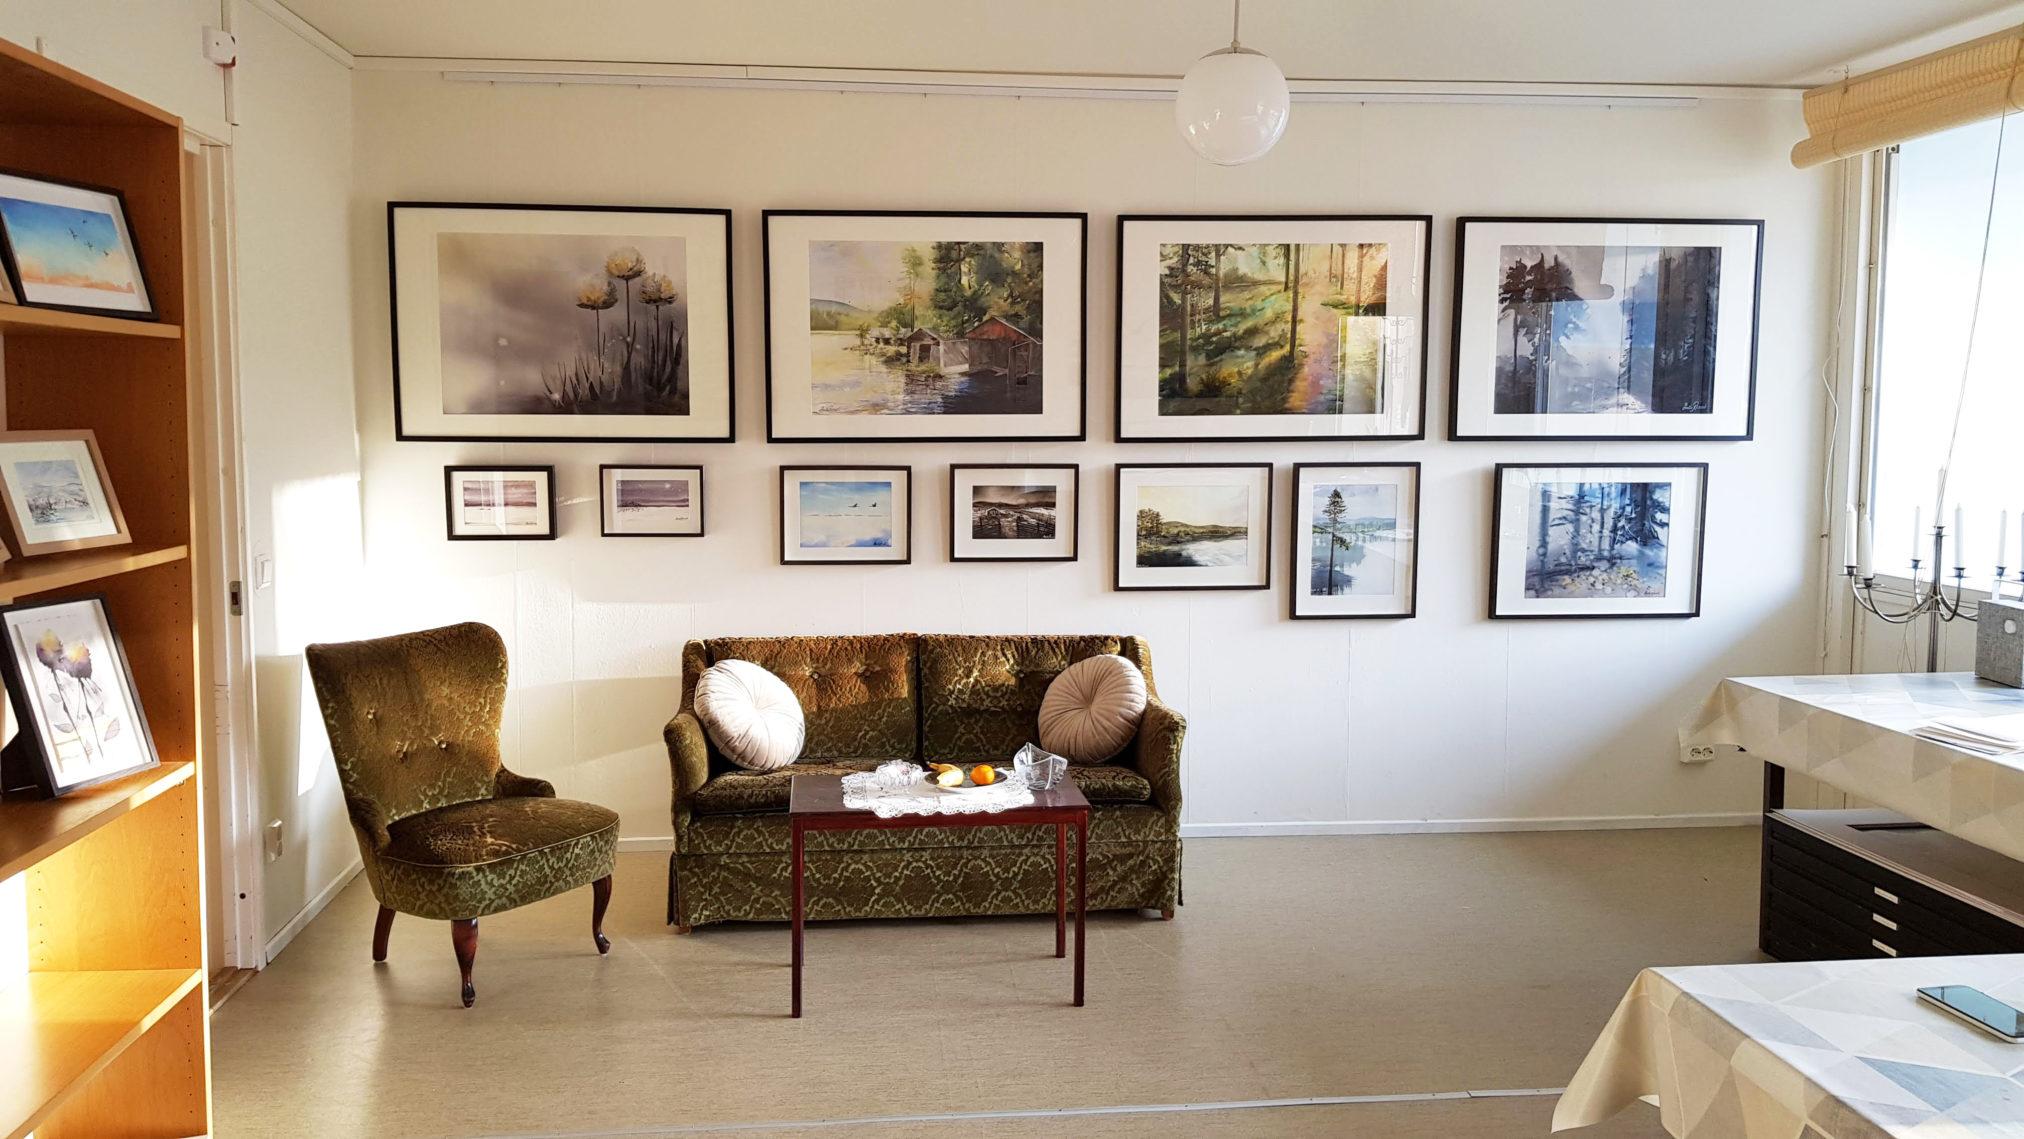 Bild från Galleriet i min ateljé på Kulturbanken 2.0 i Ånge